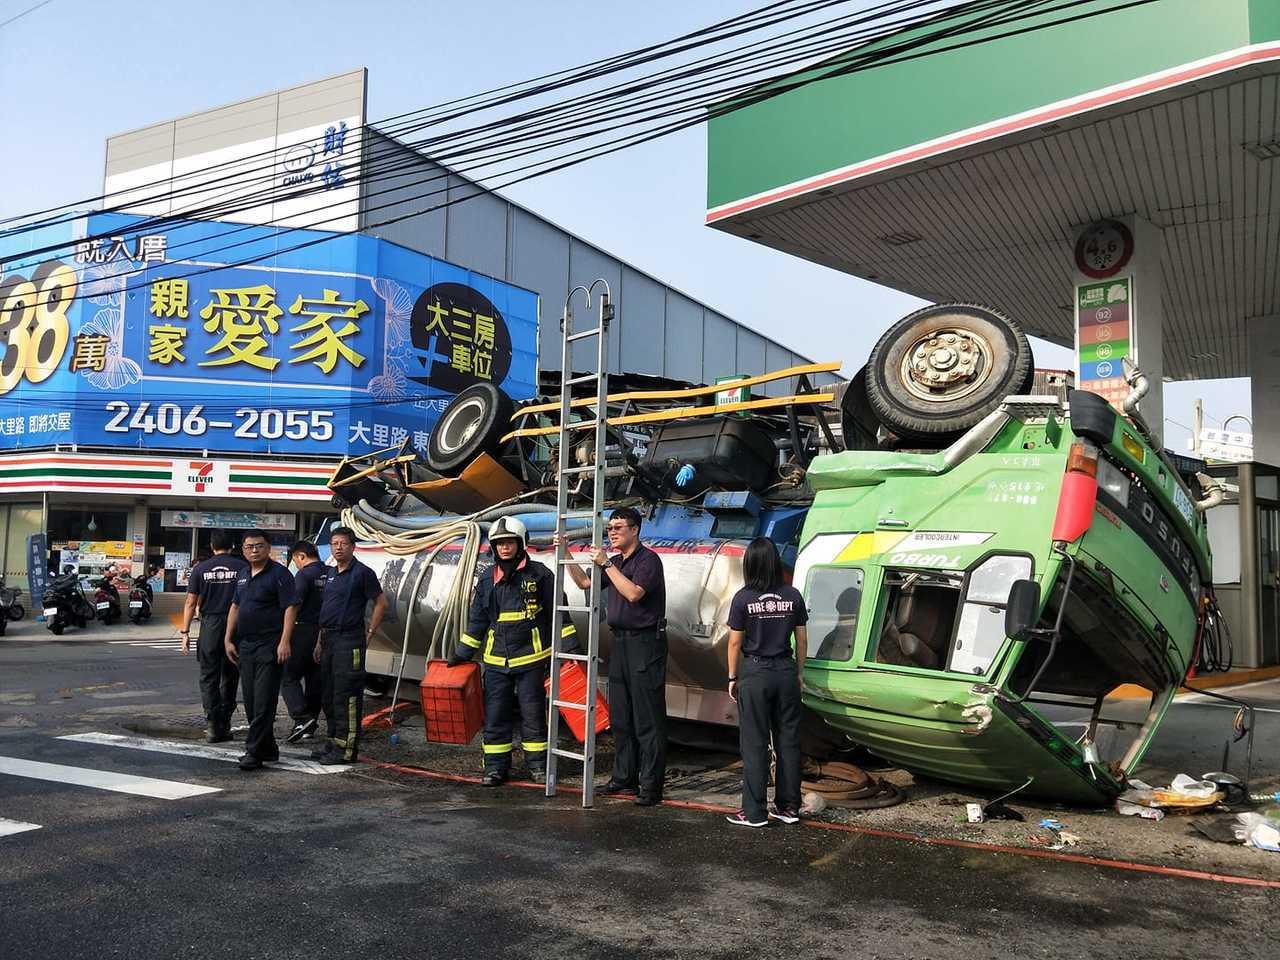 一輛載水車下午3時許經過台中市大里區國中路與大衛路口時,突然翻車,車上水撒了一地...